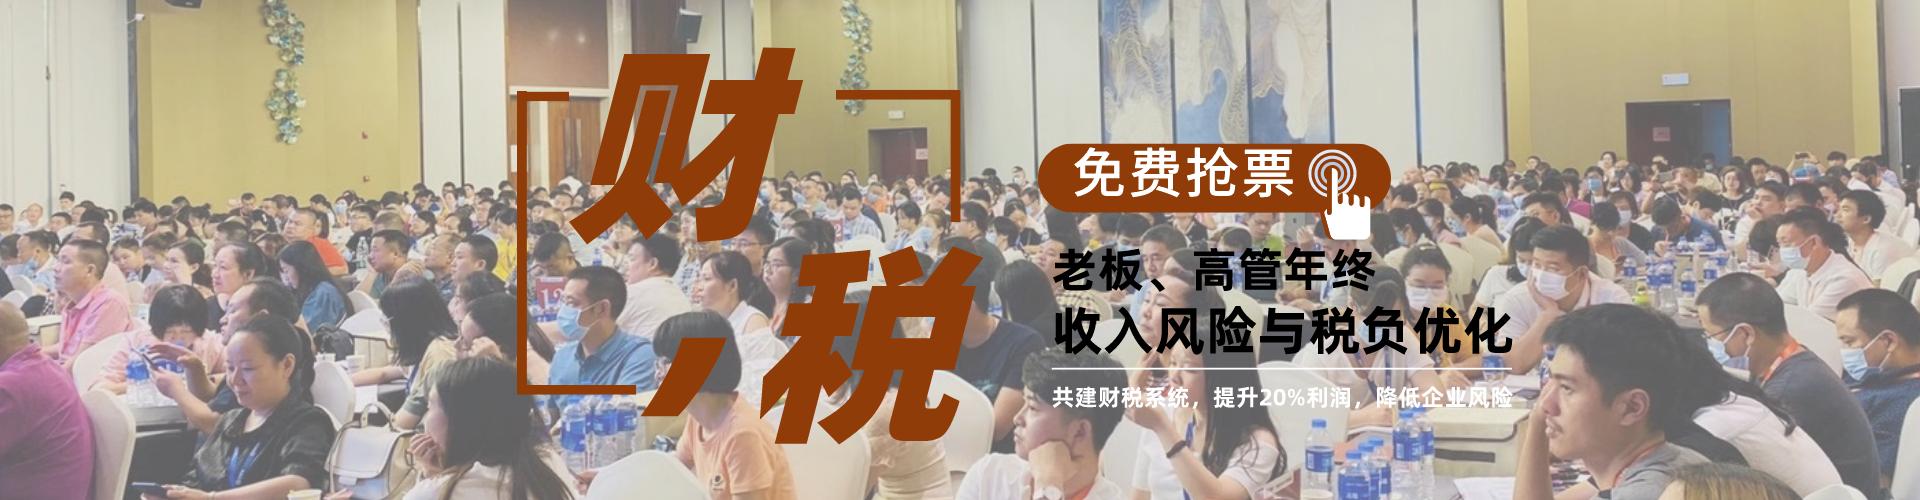 老板、高管【年终收入风险】与【税负优化】12月10日干货来袭!